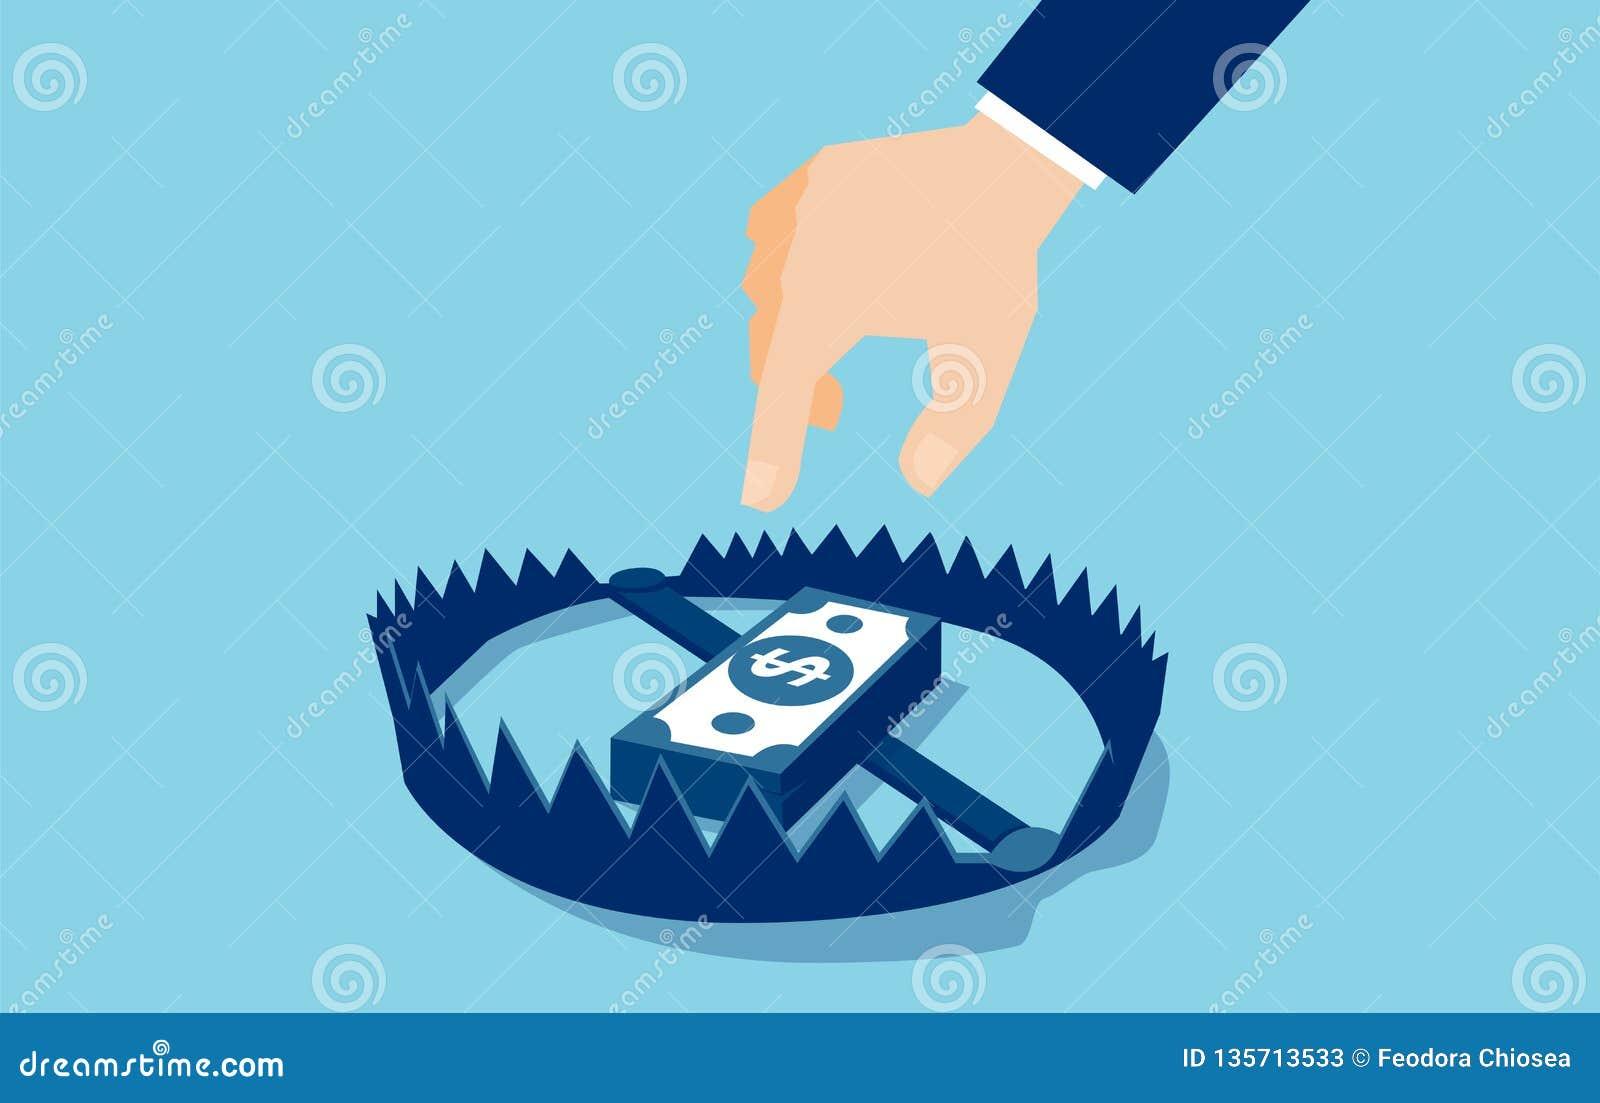 Vektor eines Geschäftsmannes, der versucht, Geldfalle mit Dollarbanknoten zu erreichen